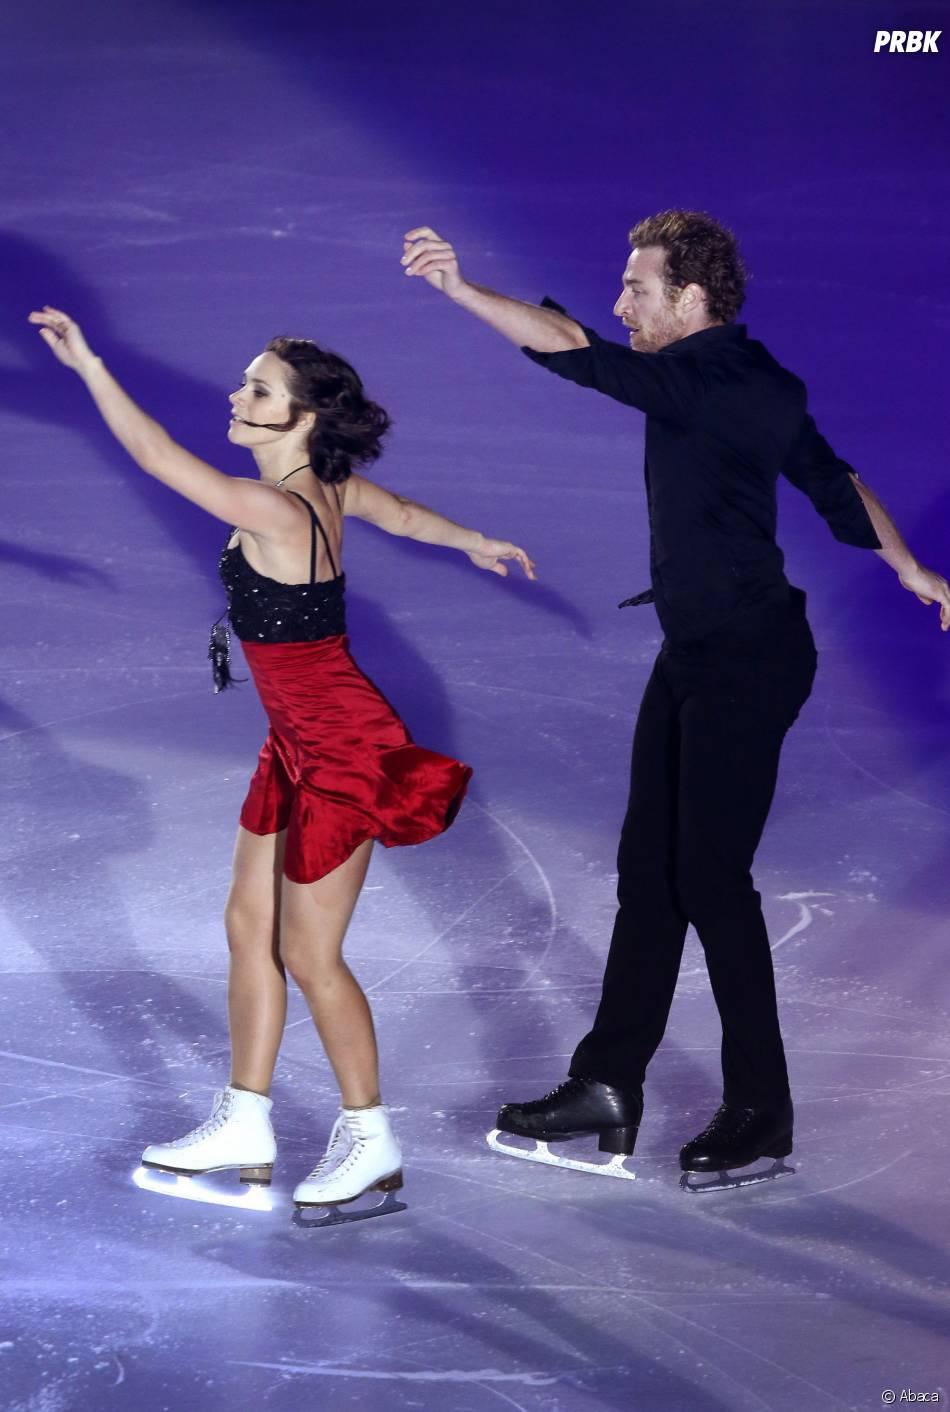 Nathalie Péchalat et Fabian Bourzat sur la glace à Bordeaux le 23 novembre 2014